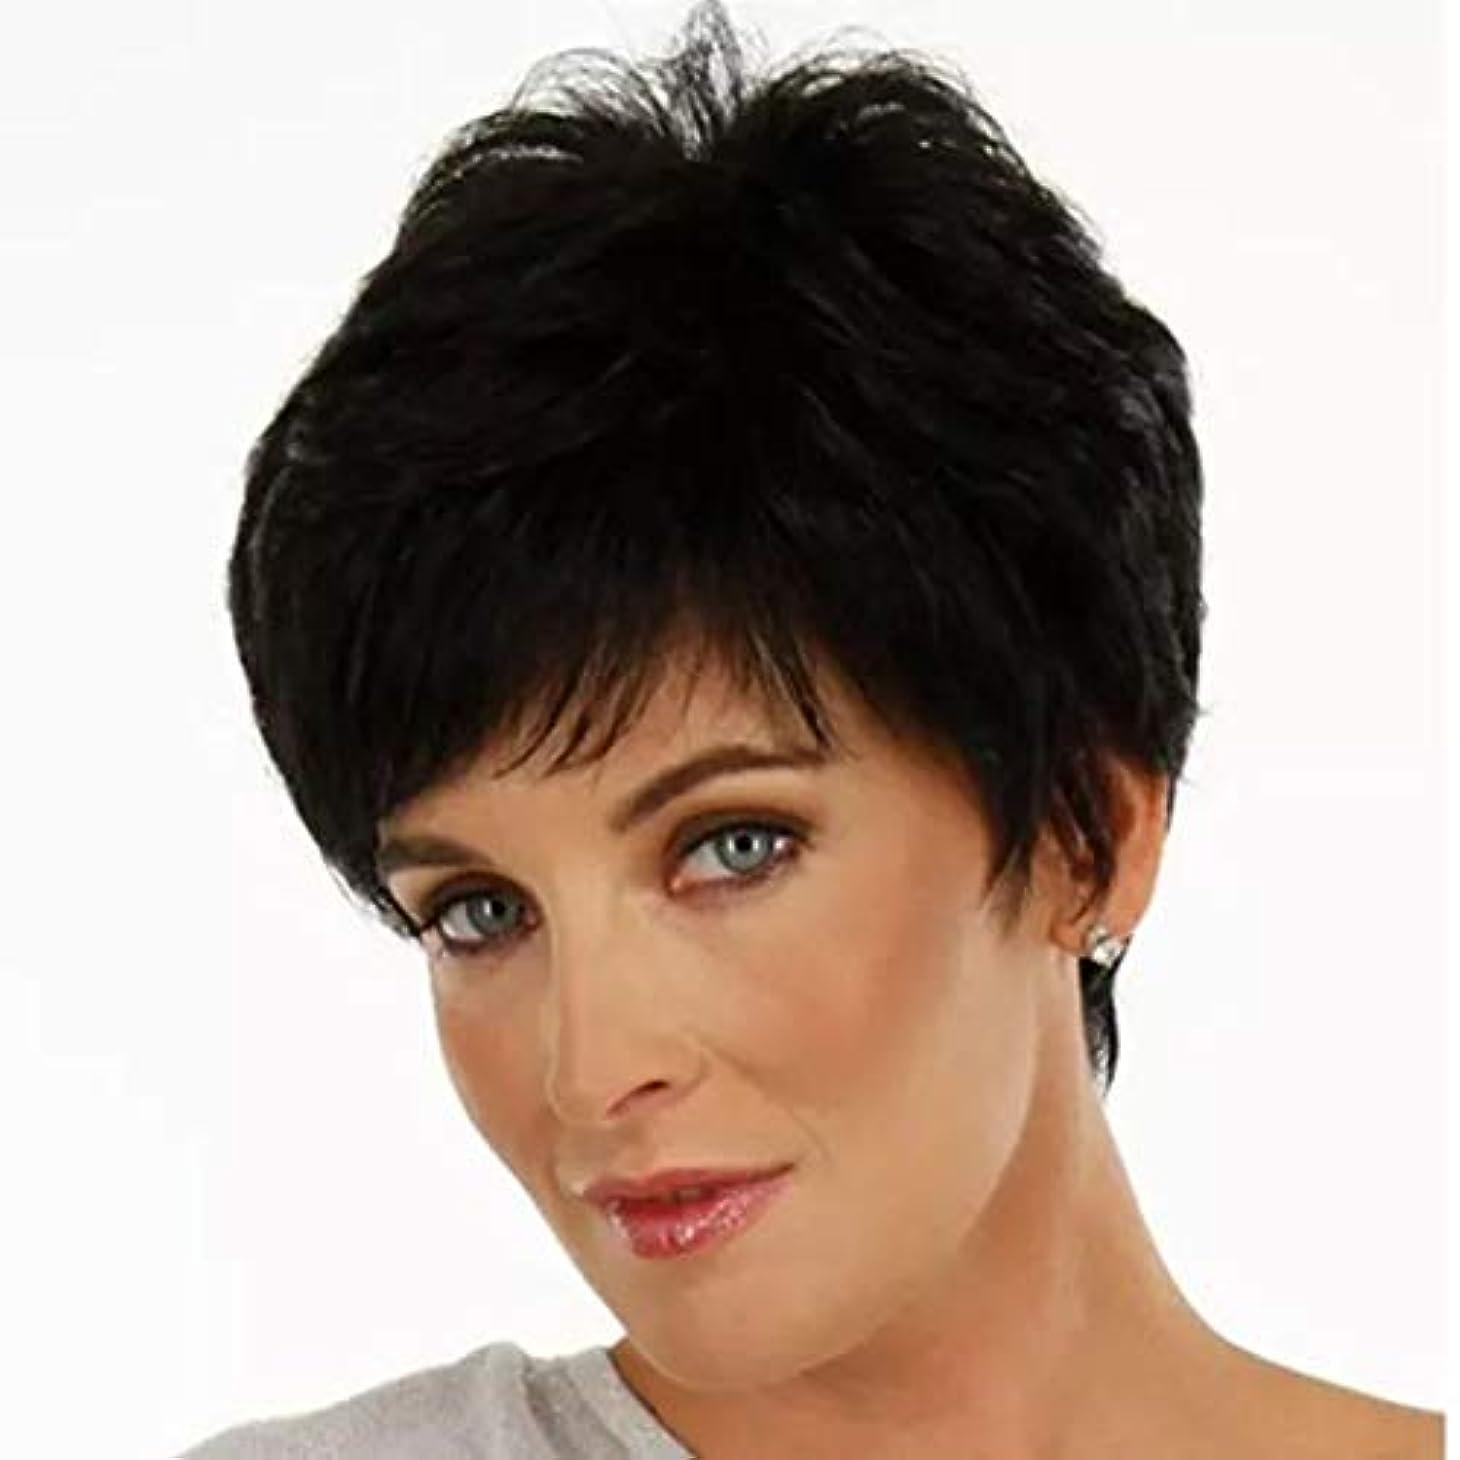 可聴最初にしみSummerys 女性のための短いストレートヘアケアファイバー高温シルクウィッグヘッドギアをかつら